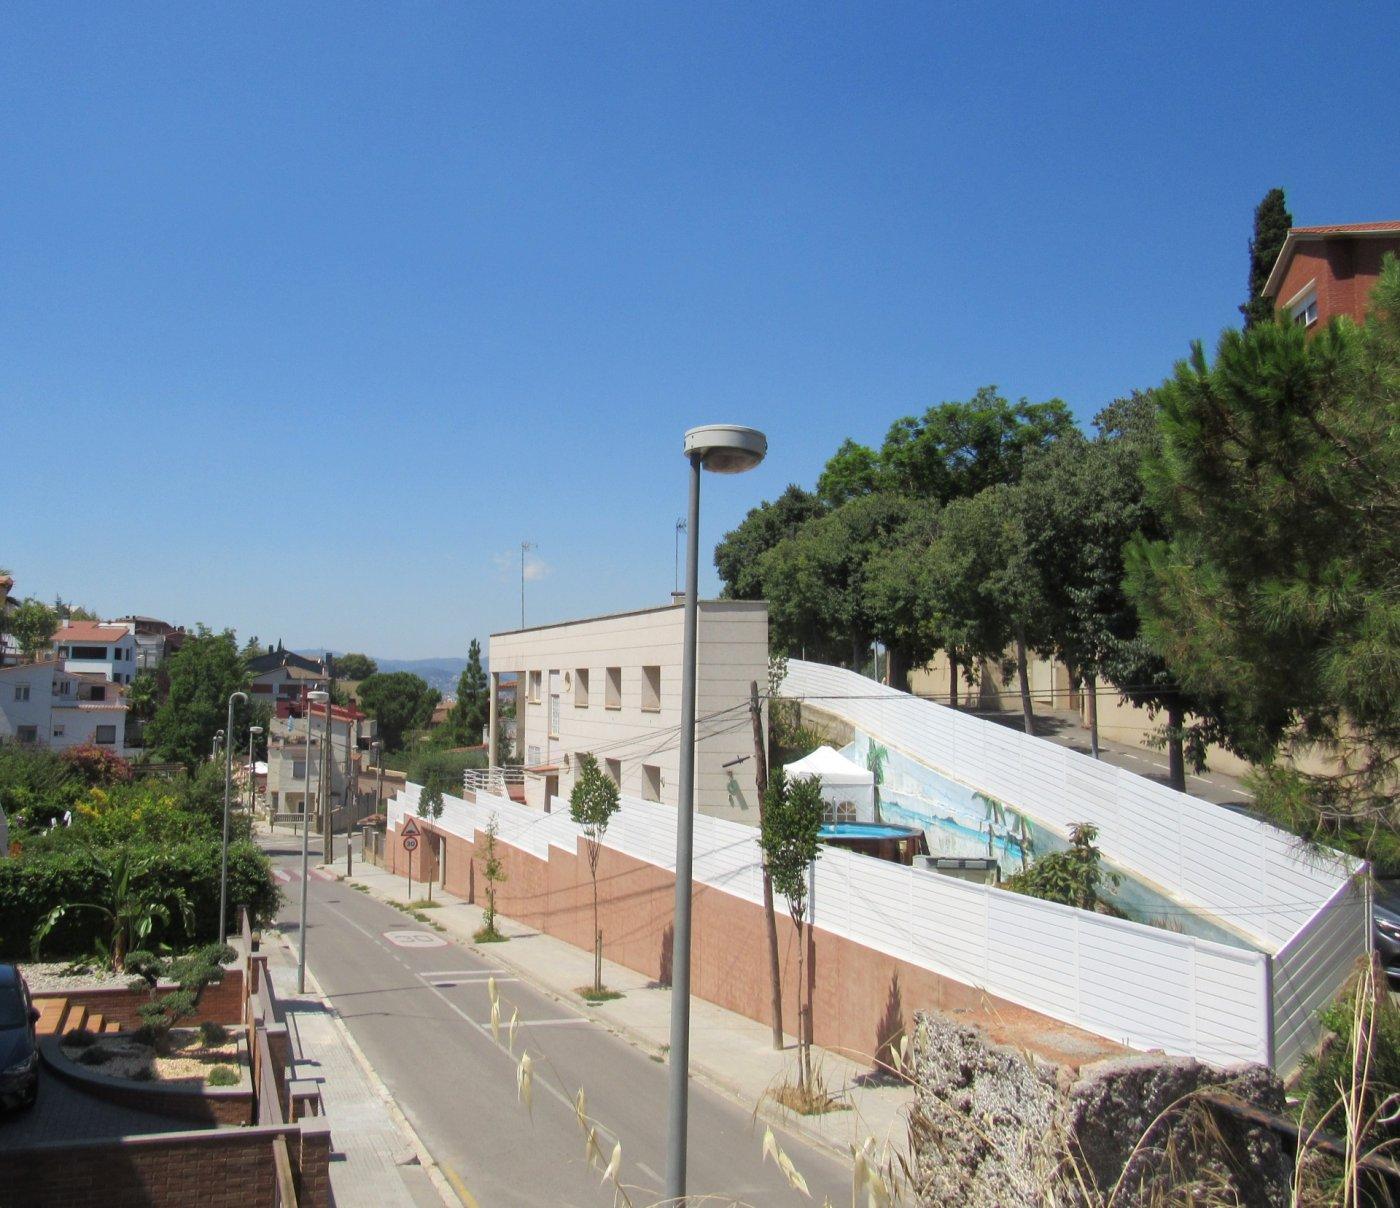 Solar urbà  Calle batista i roca. Terreno urbanizable en la miranda, al lado de barcelona